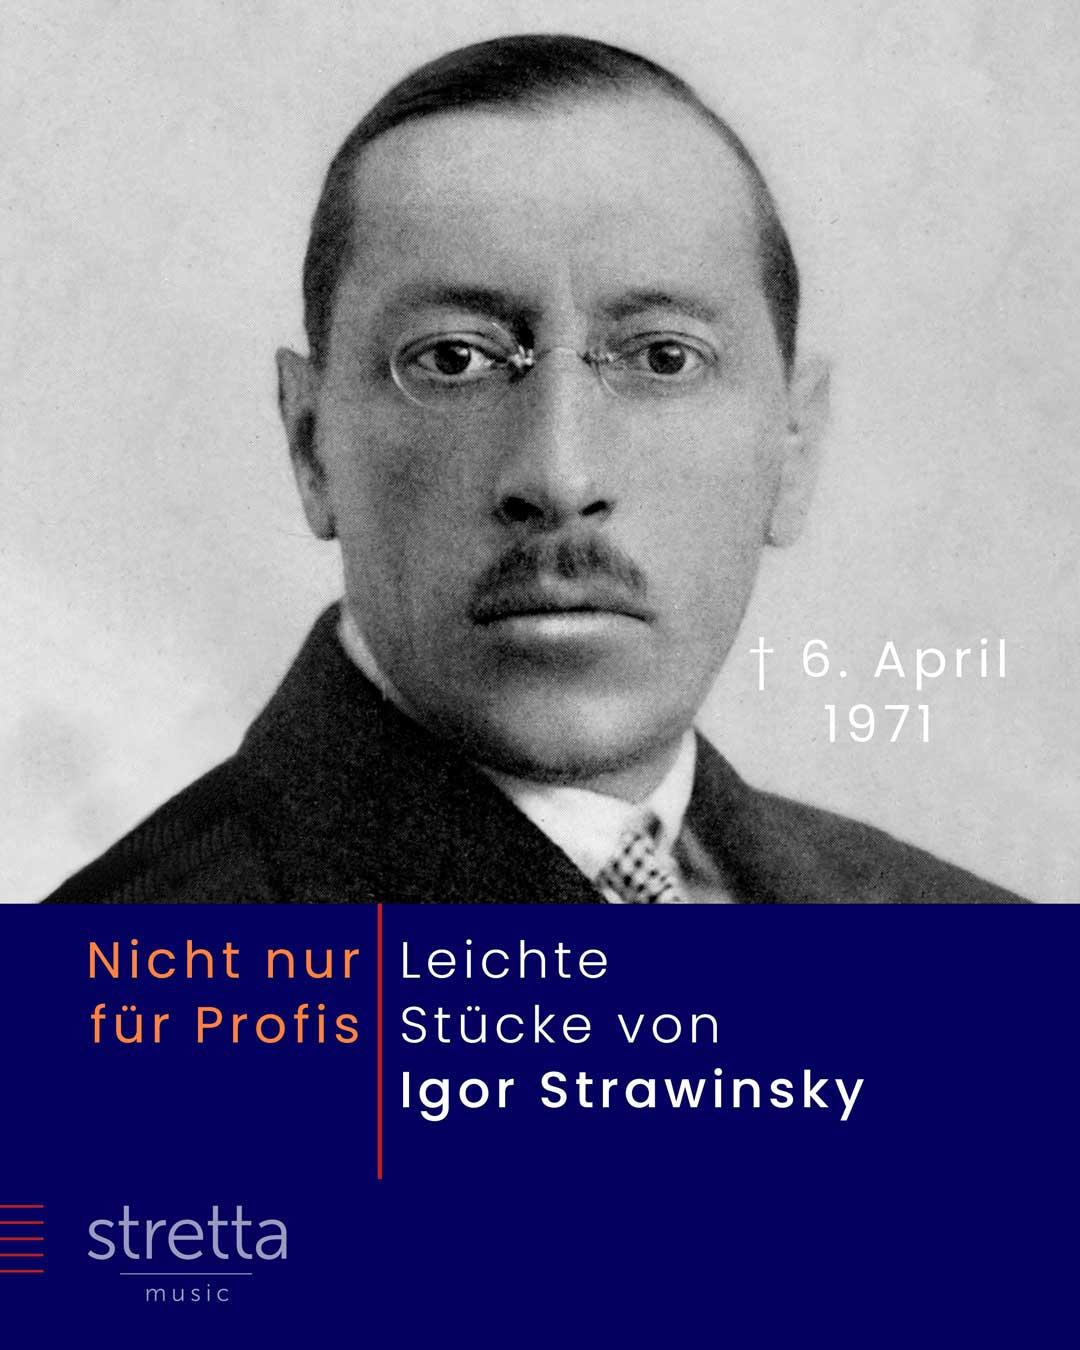 Nicht nur für Profis: leichte Stücke von Igor Strawinsky